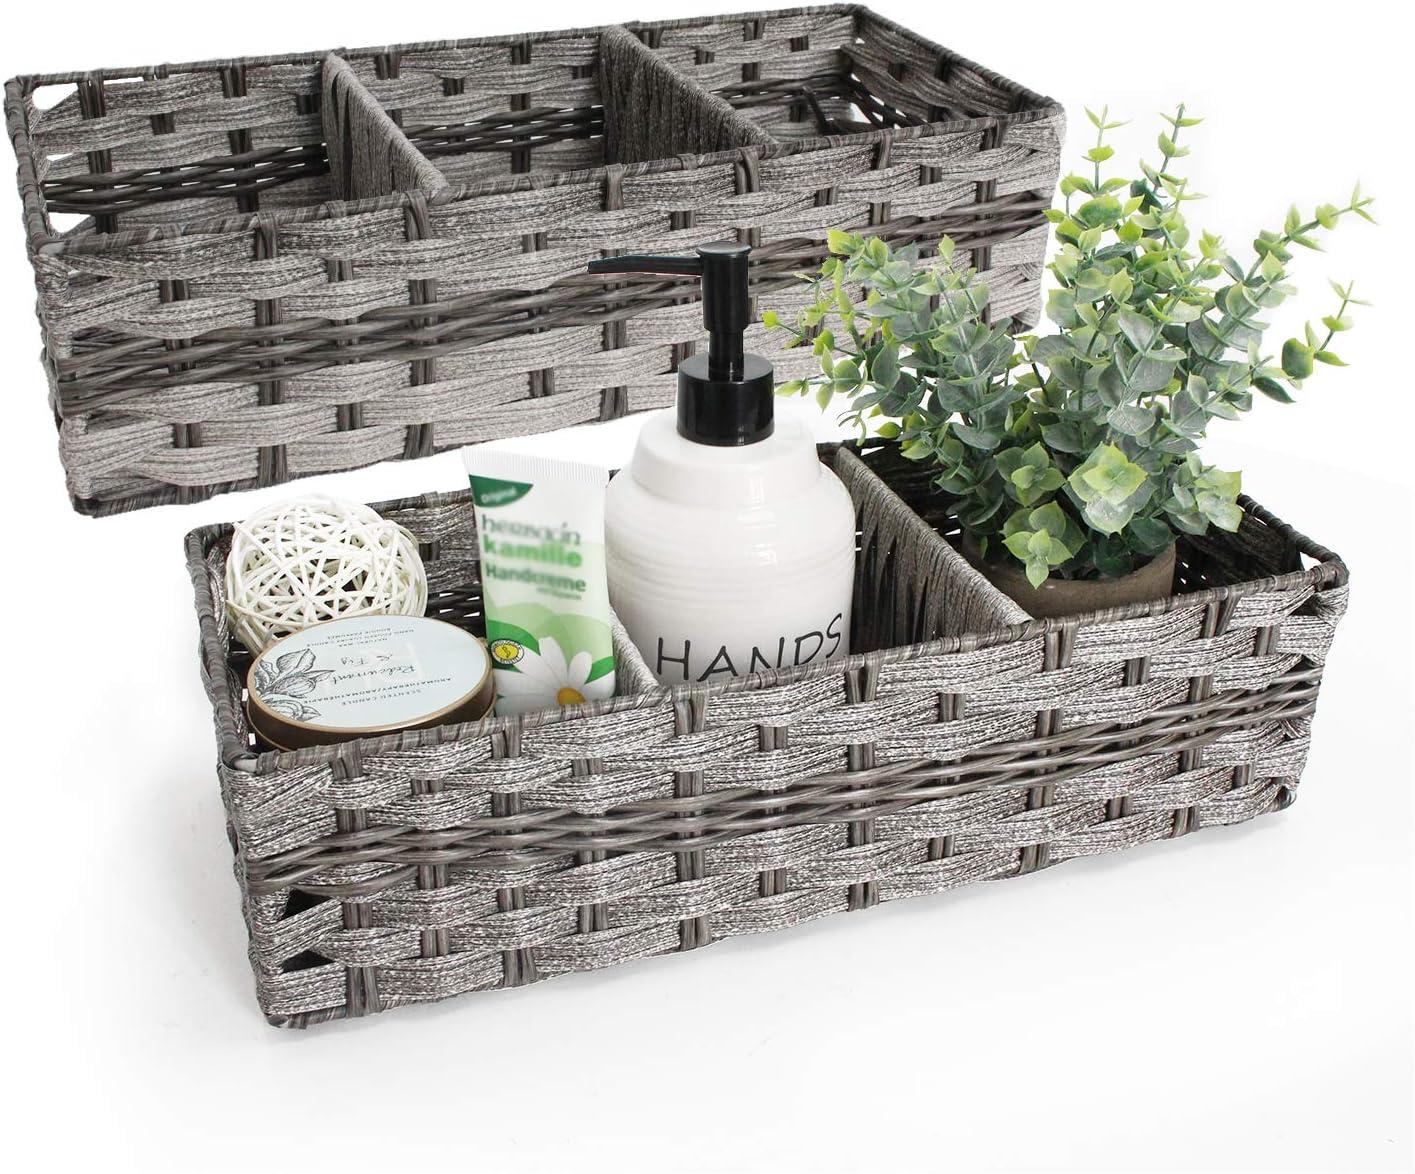 Unistyle Toilet Paper Basket, Storage Basket for Toilet Tank Top, Toilet Tank Tray Basket, Decorative Basket for Bathroom 2 Pack, Grey